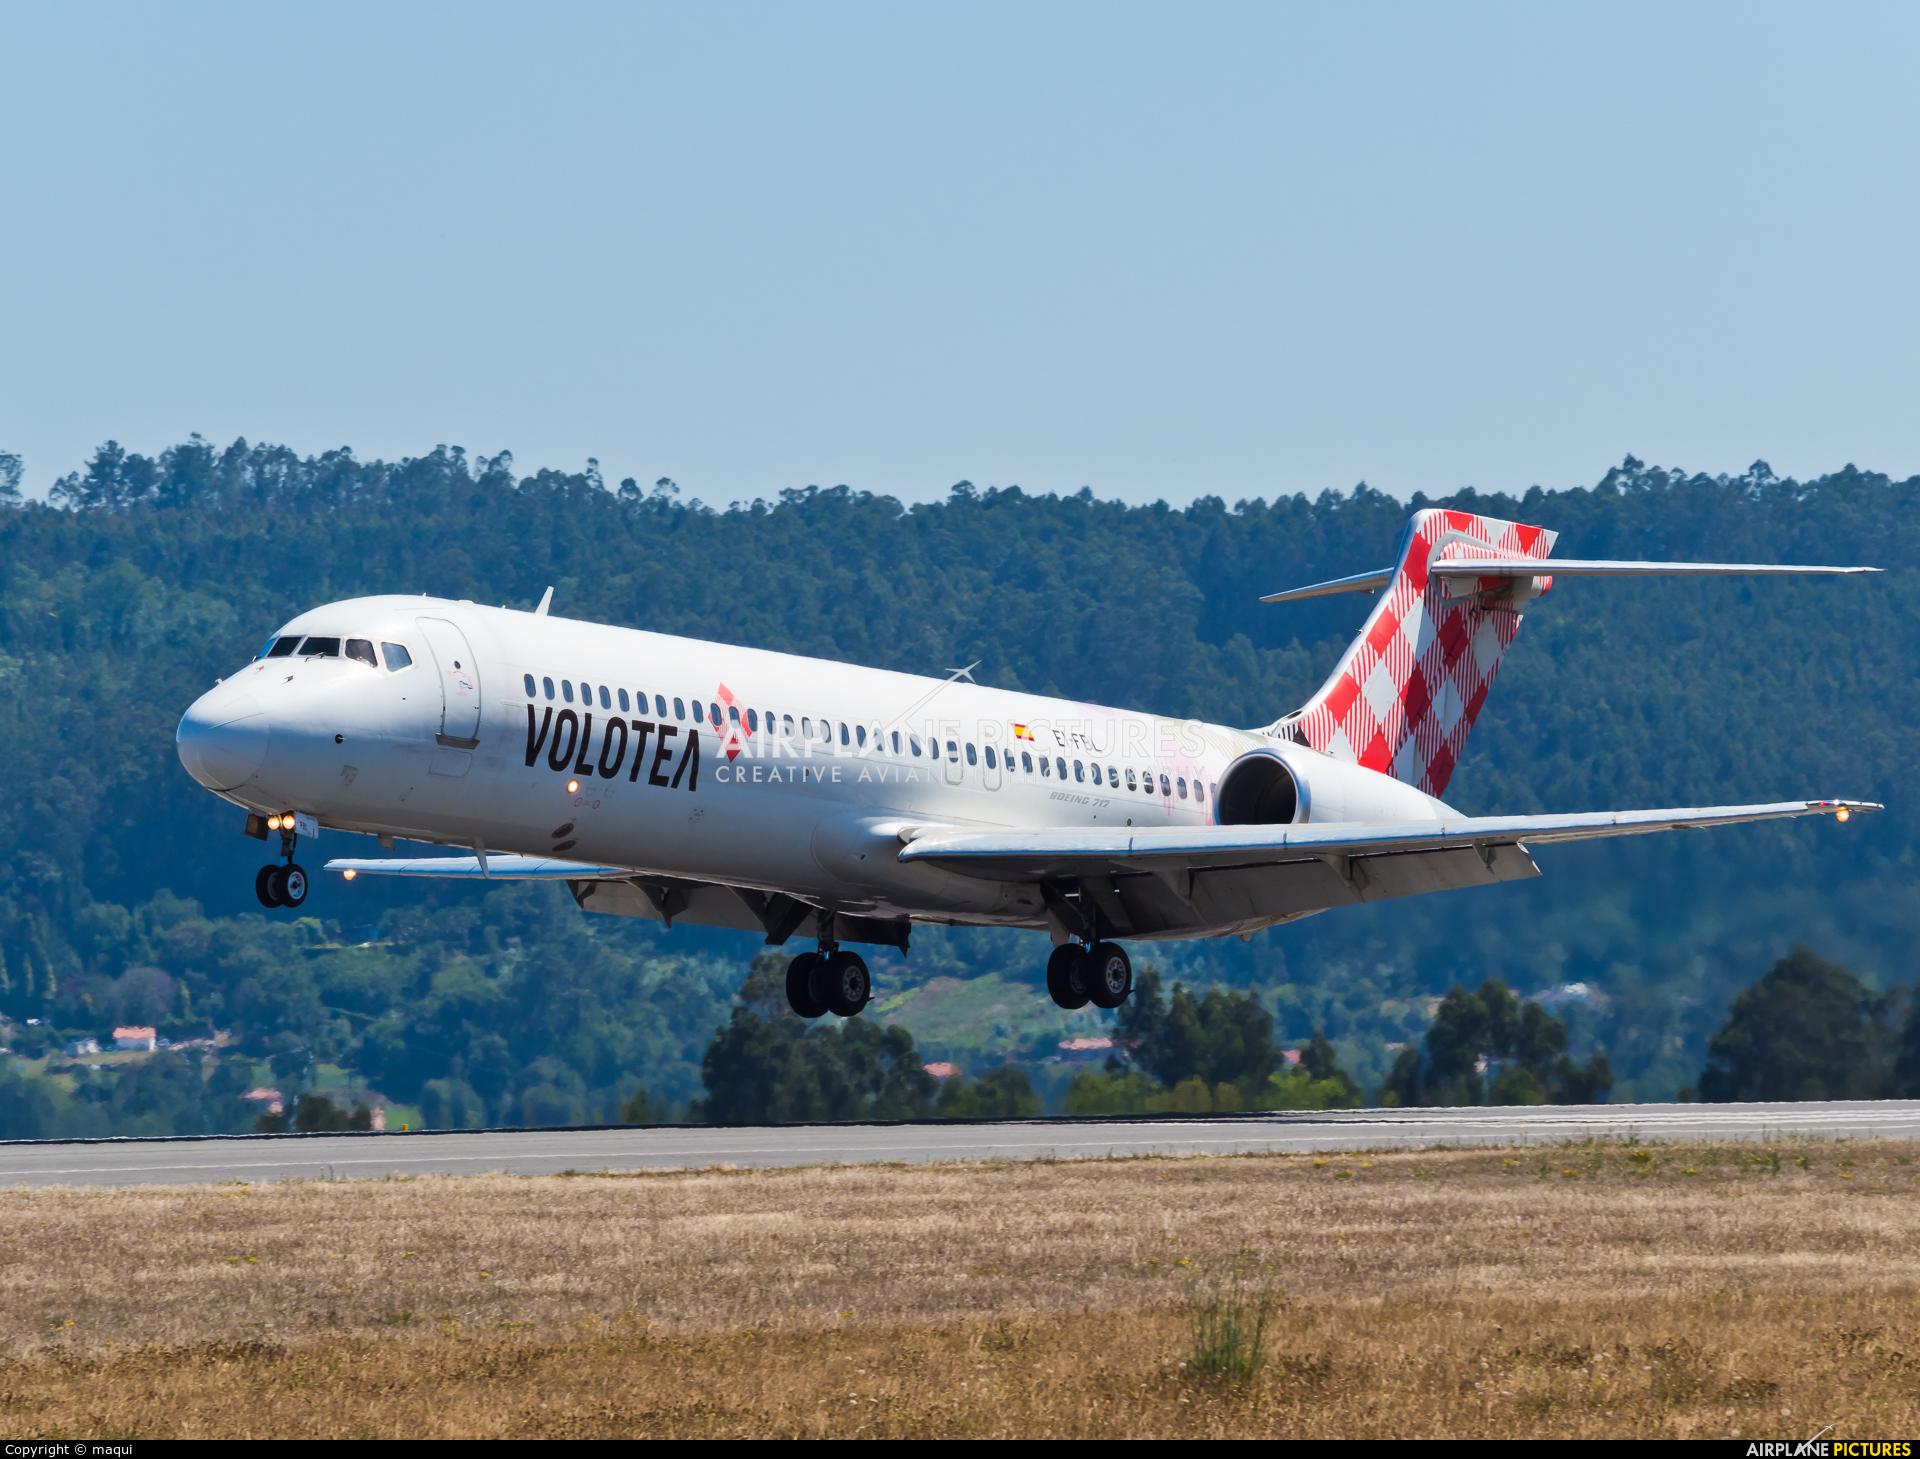 Volotea Airlines EI-FBL aircraft at La Coruña